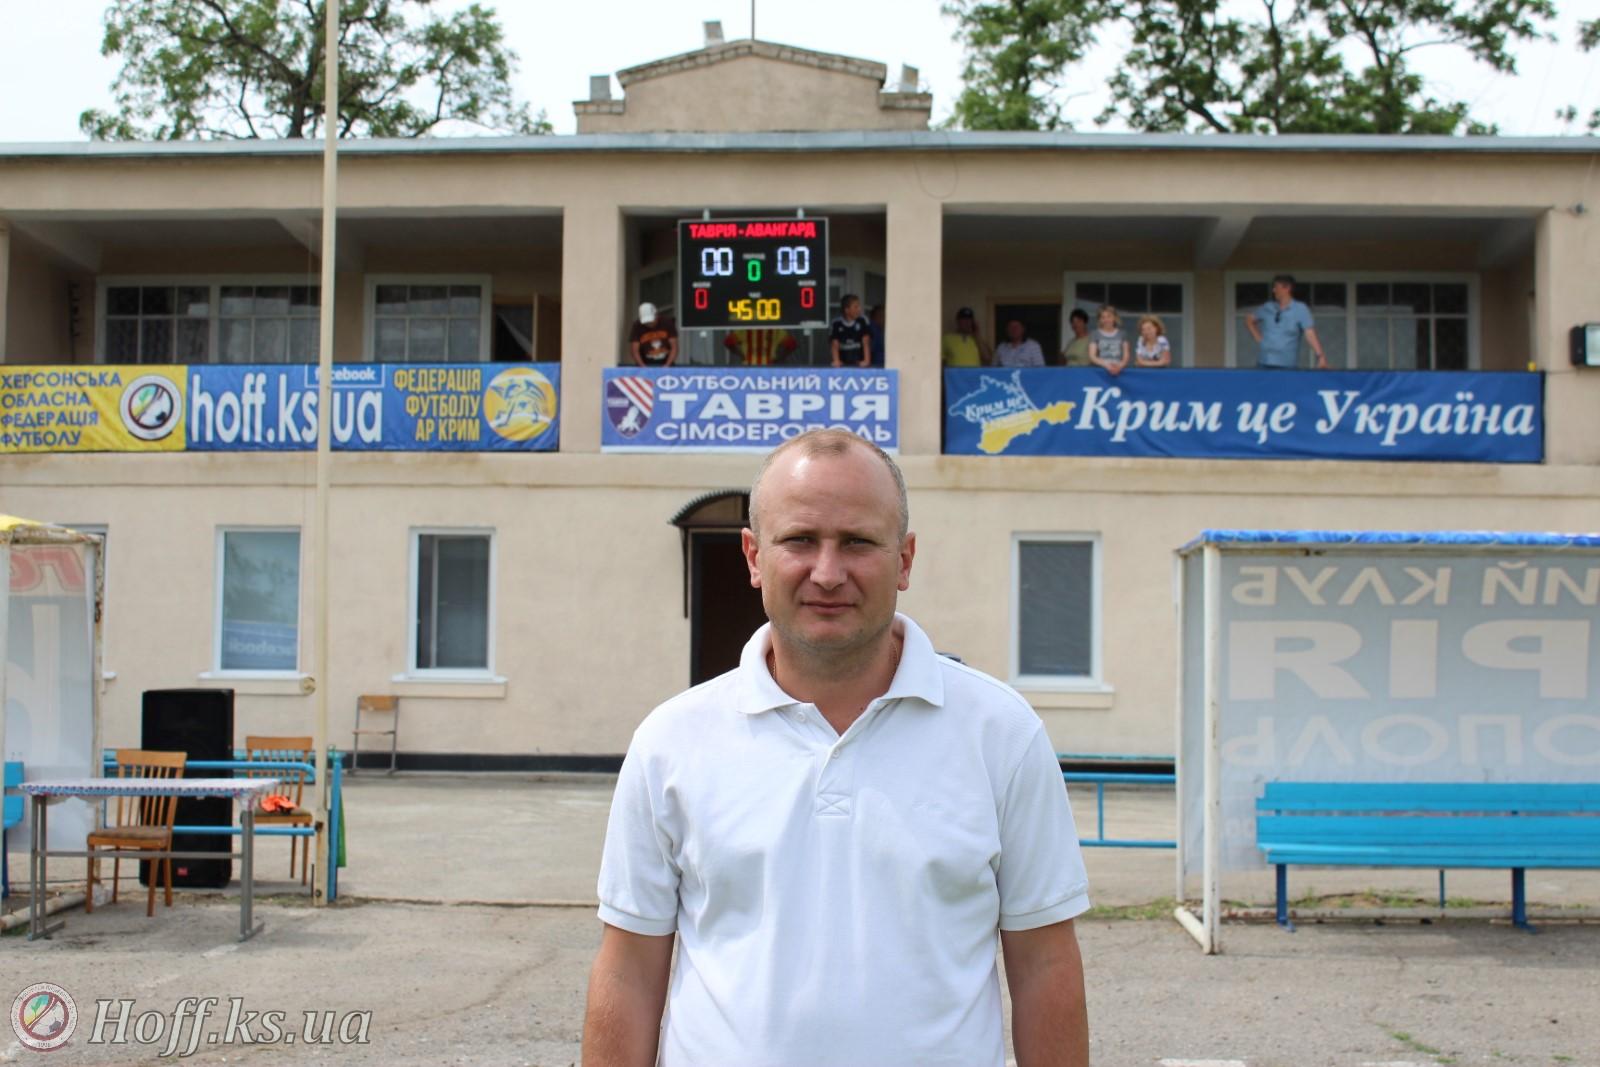 Післяматчевий коментар генерального директора «Таврії» Олексія Кручера